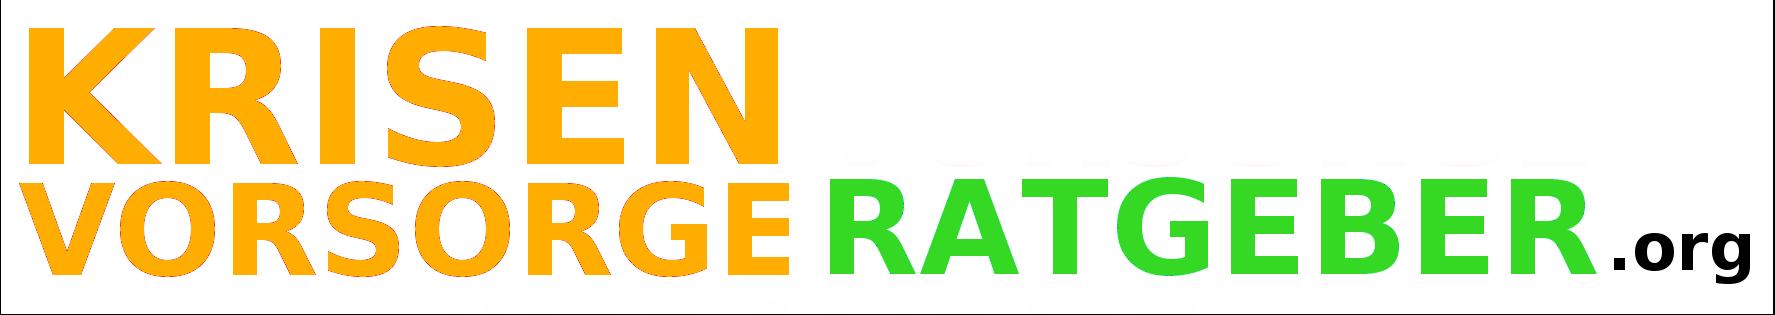 Krisenvorsorge-Ratgeber.org